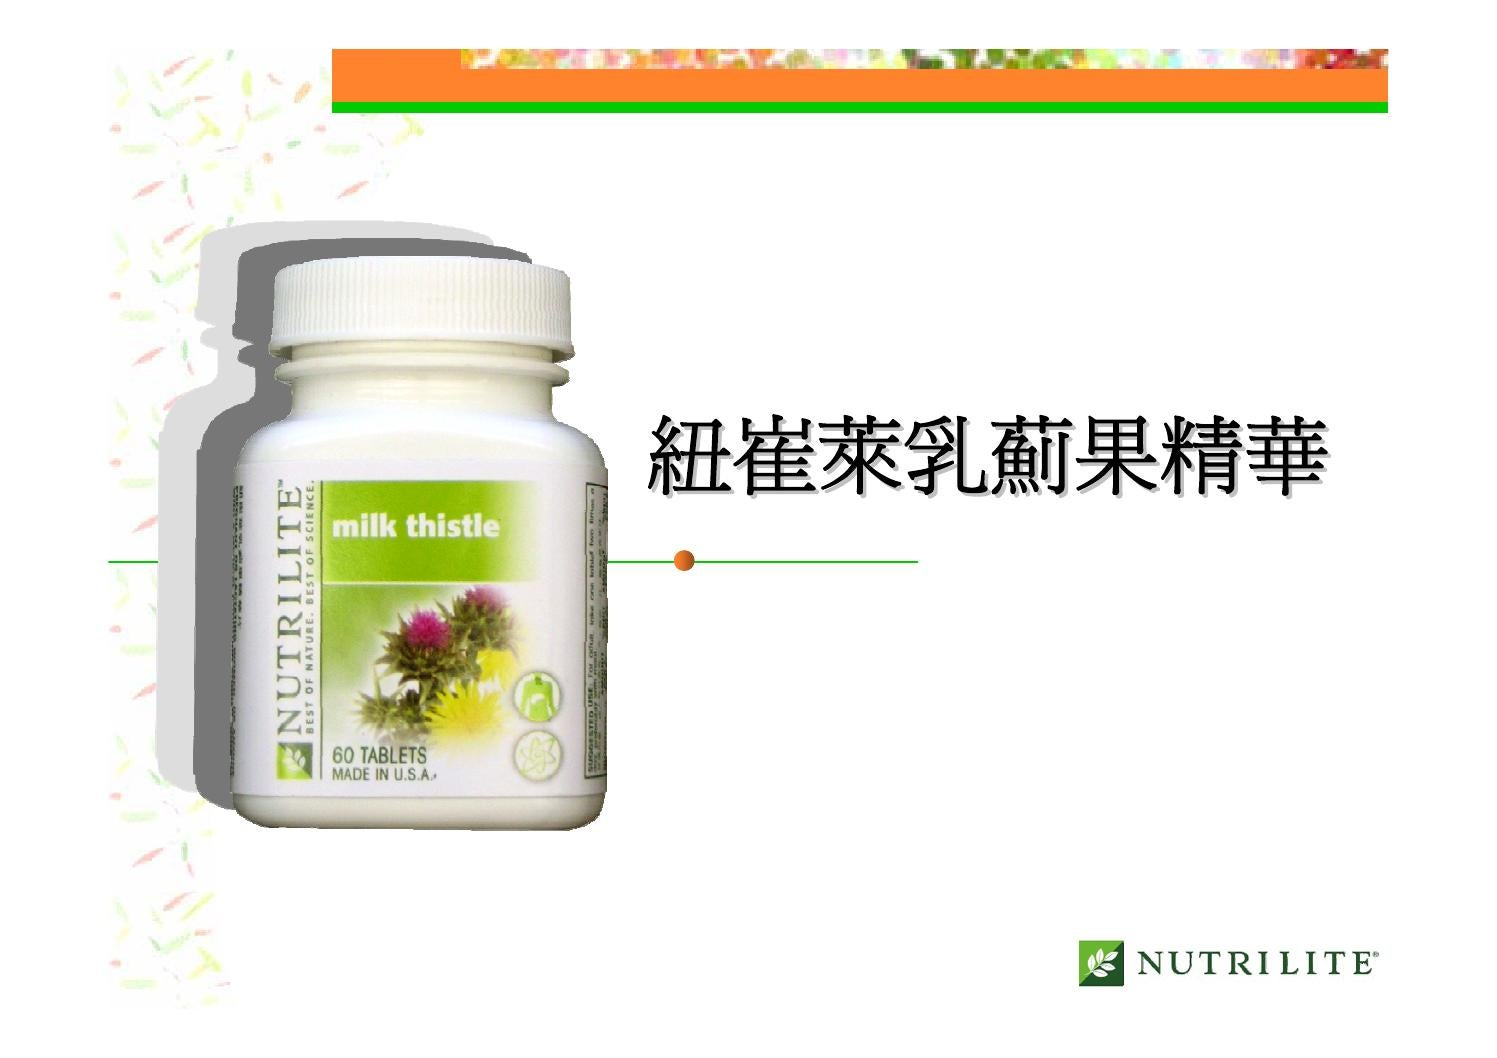 16 乳薊果精華nutrilite milk thistle by Nutrilite - Issuu